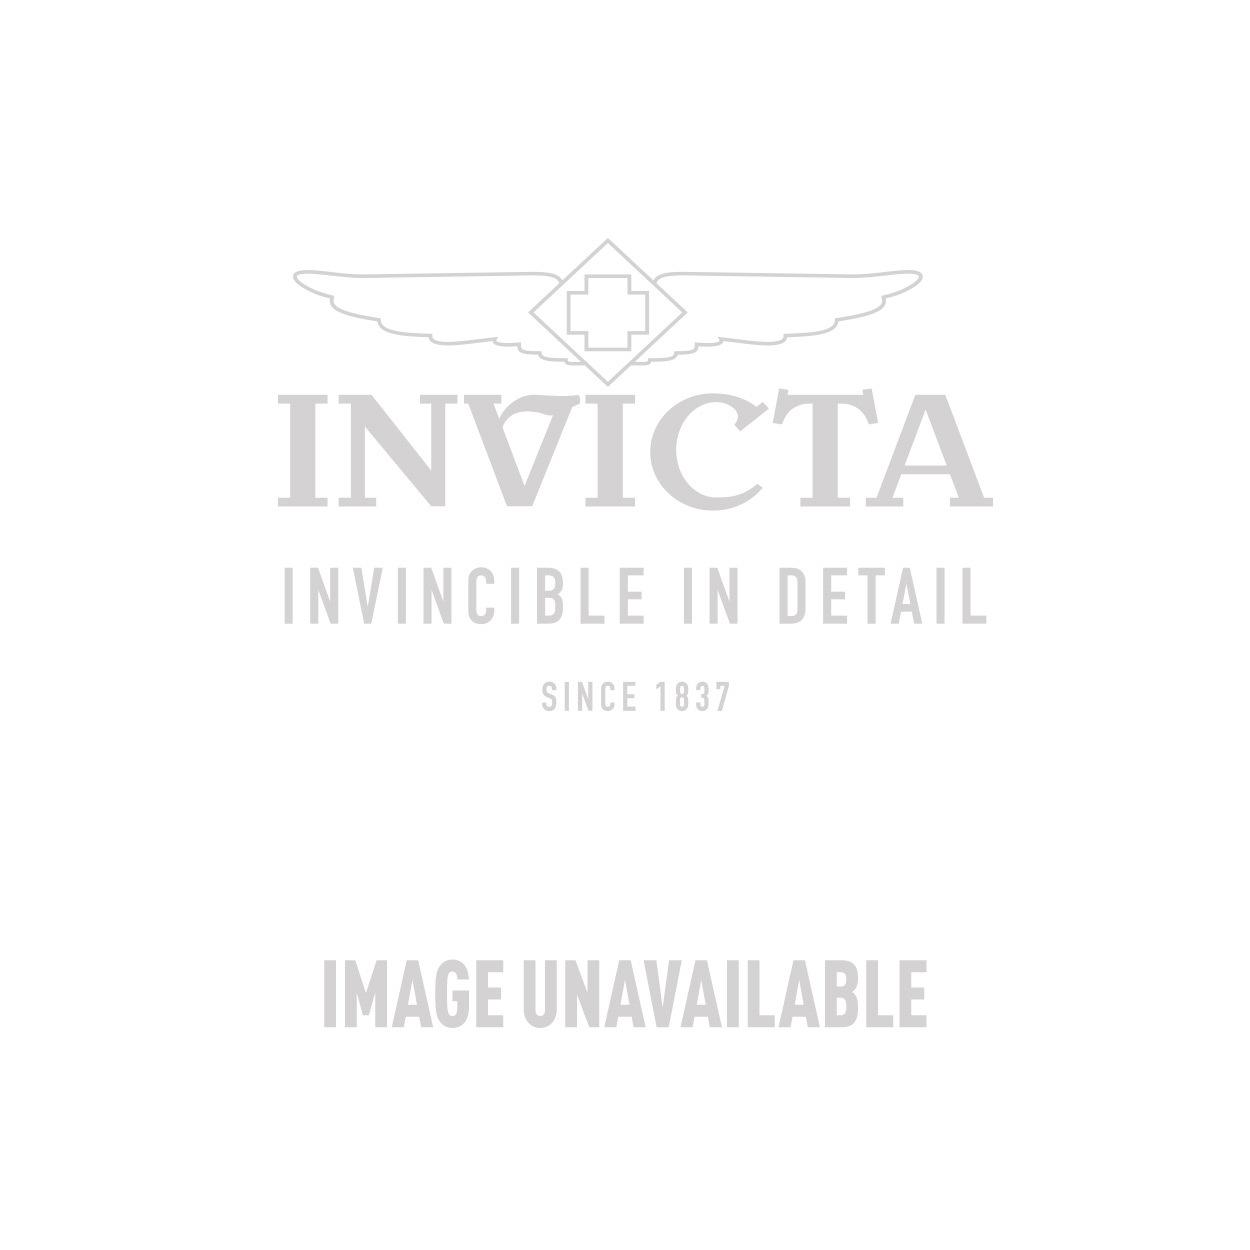 Invicta Model 27627